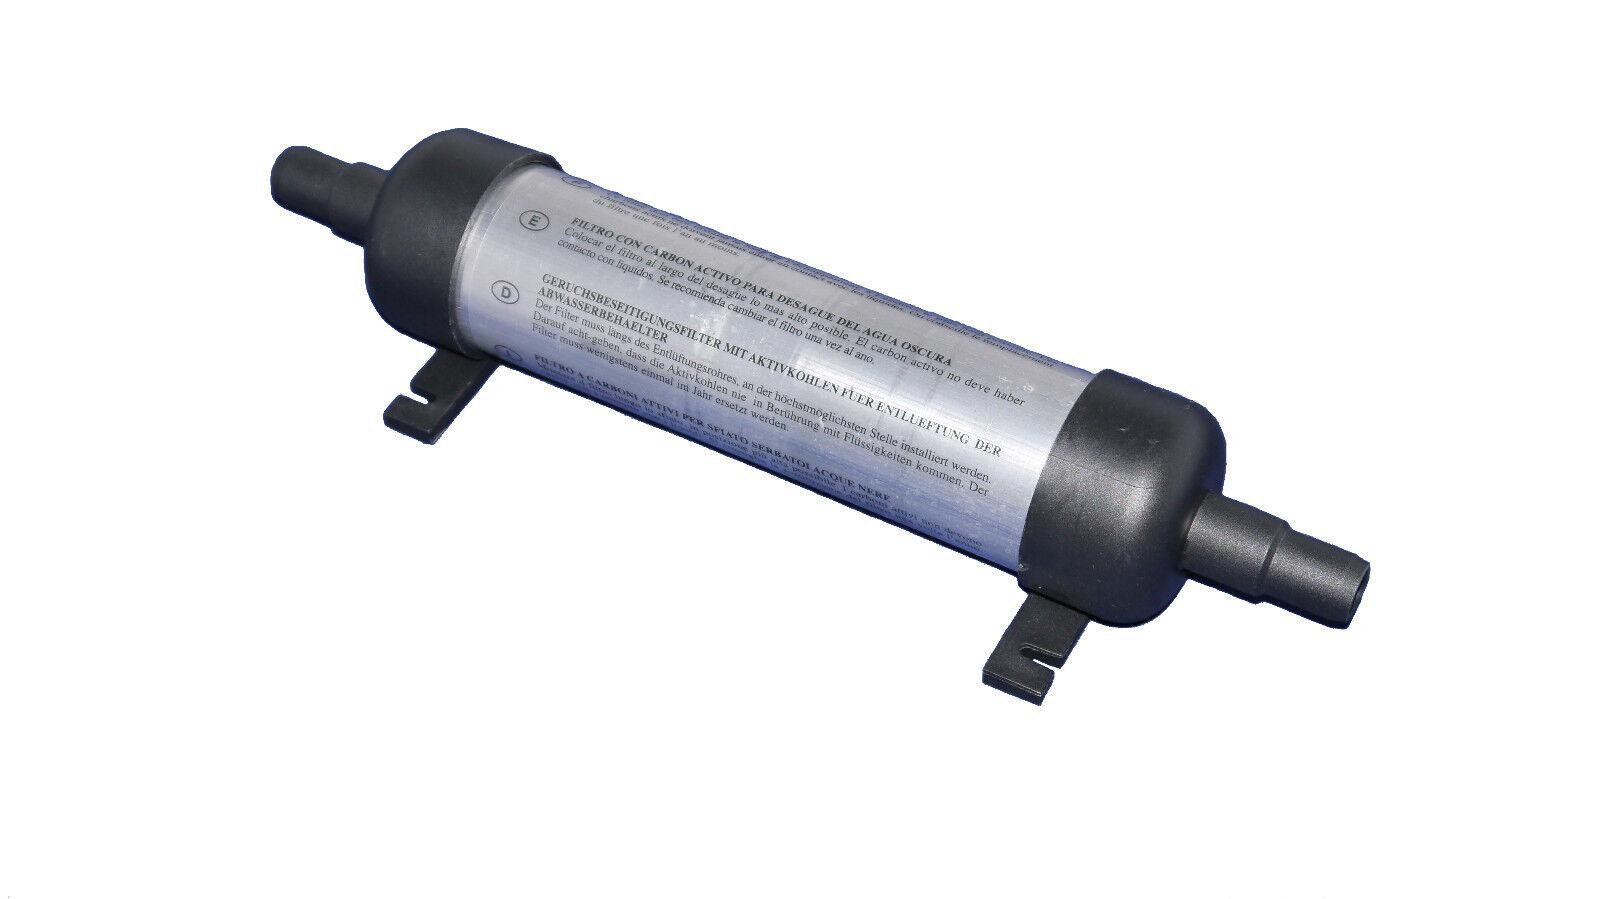 Karbonfilter Geruchsfilter Carbon für Filter für Carbon Fäkalientank Stiefel Caravan NEU TOP a4e9f2